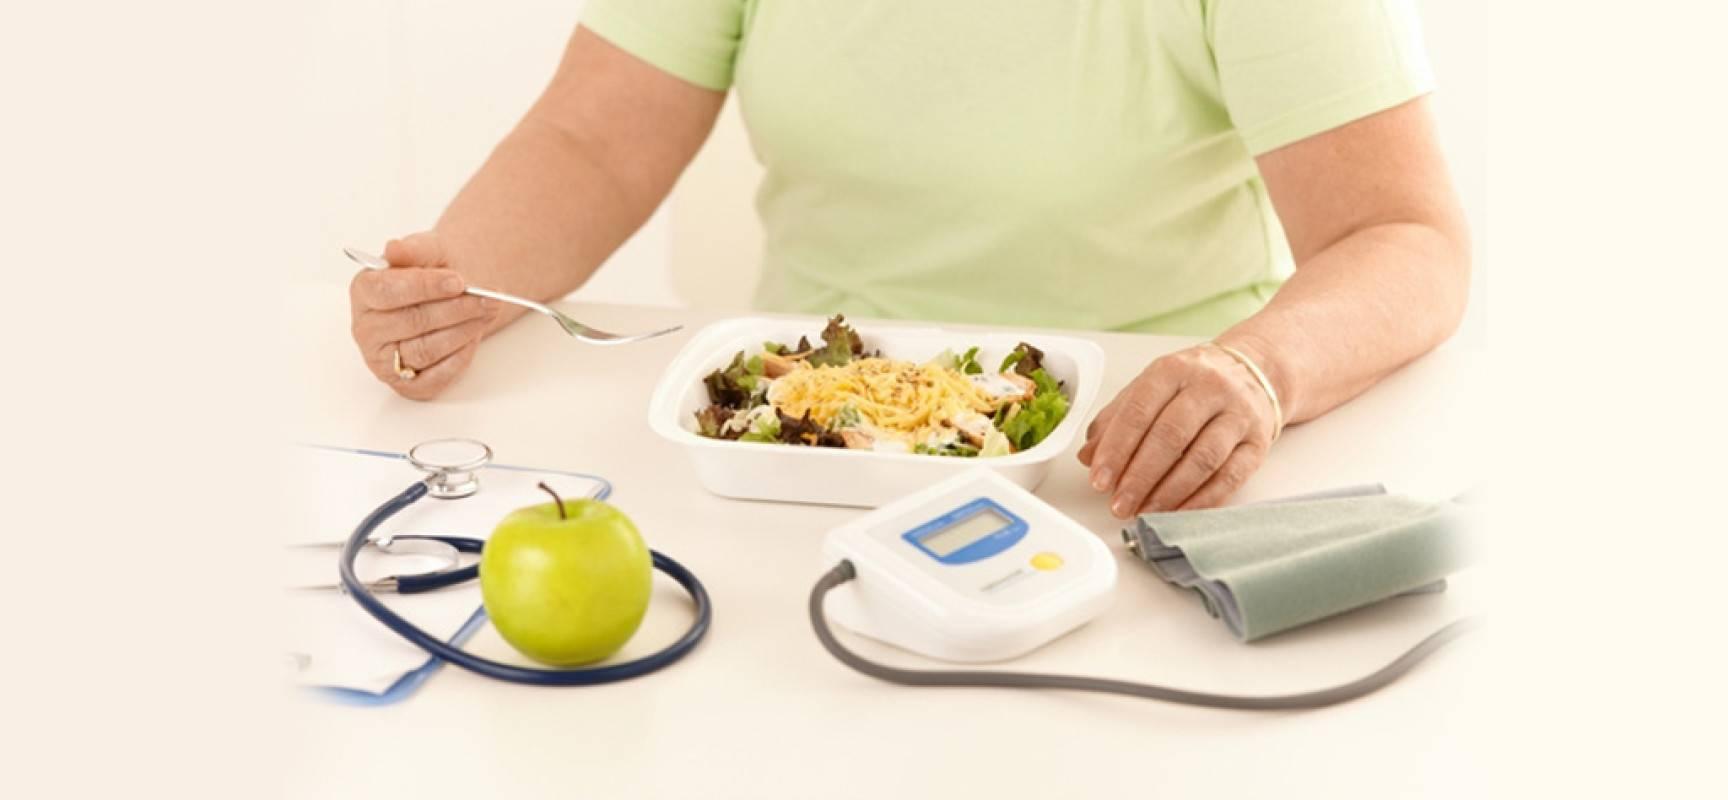 Диета при гипертонии: что можно есть и что нельзя?